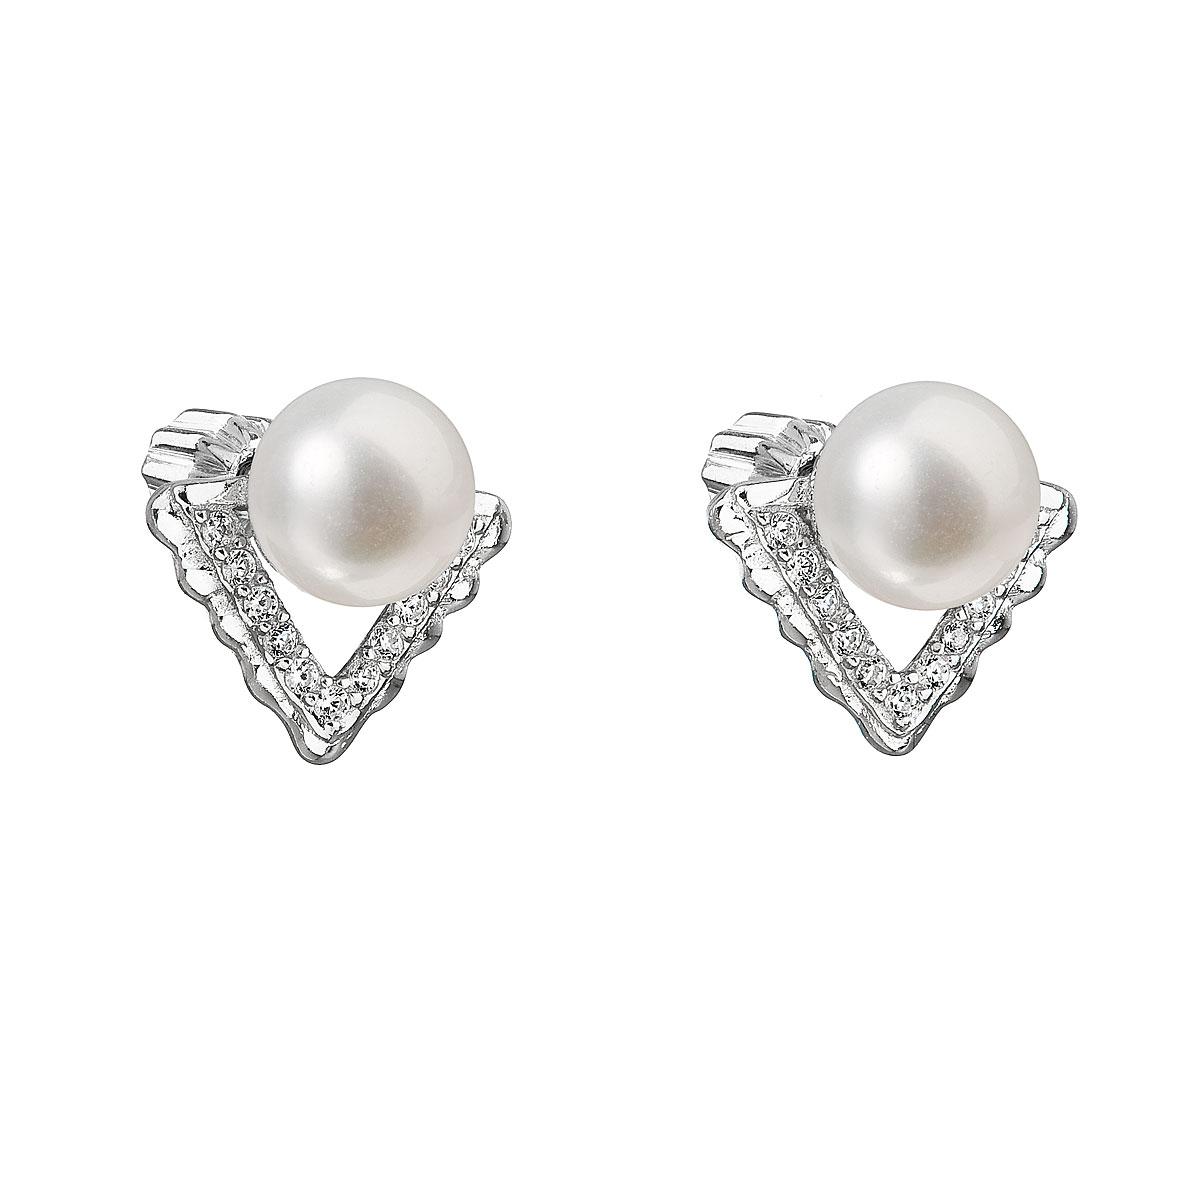 Evolution Group Stříbrné náušnice pecky s bílou říční perlou 21012.1